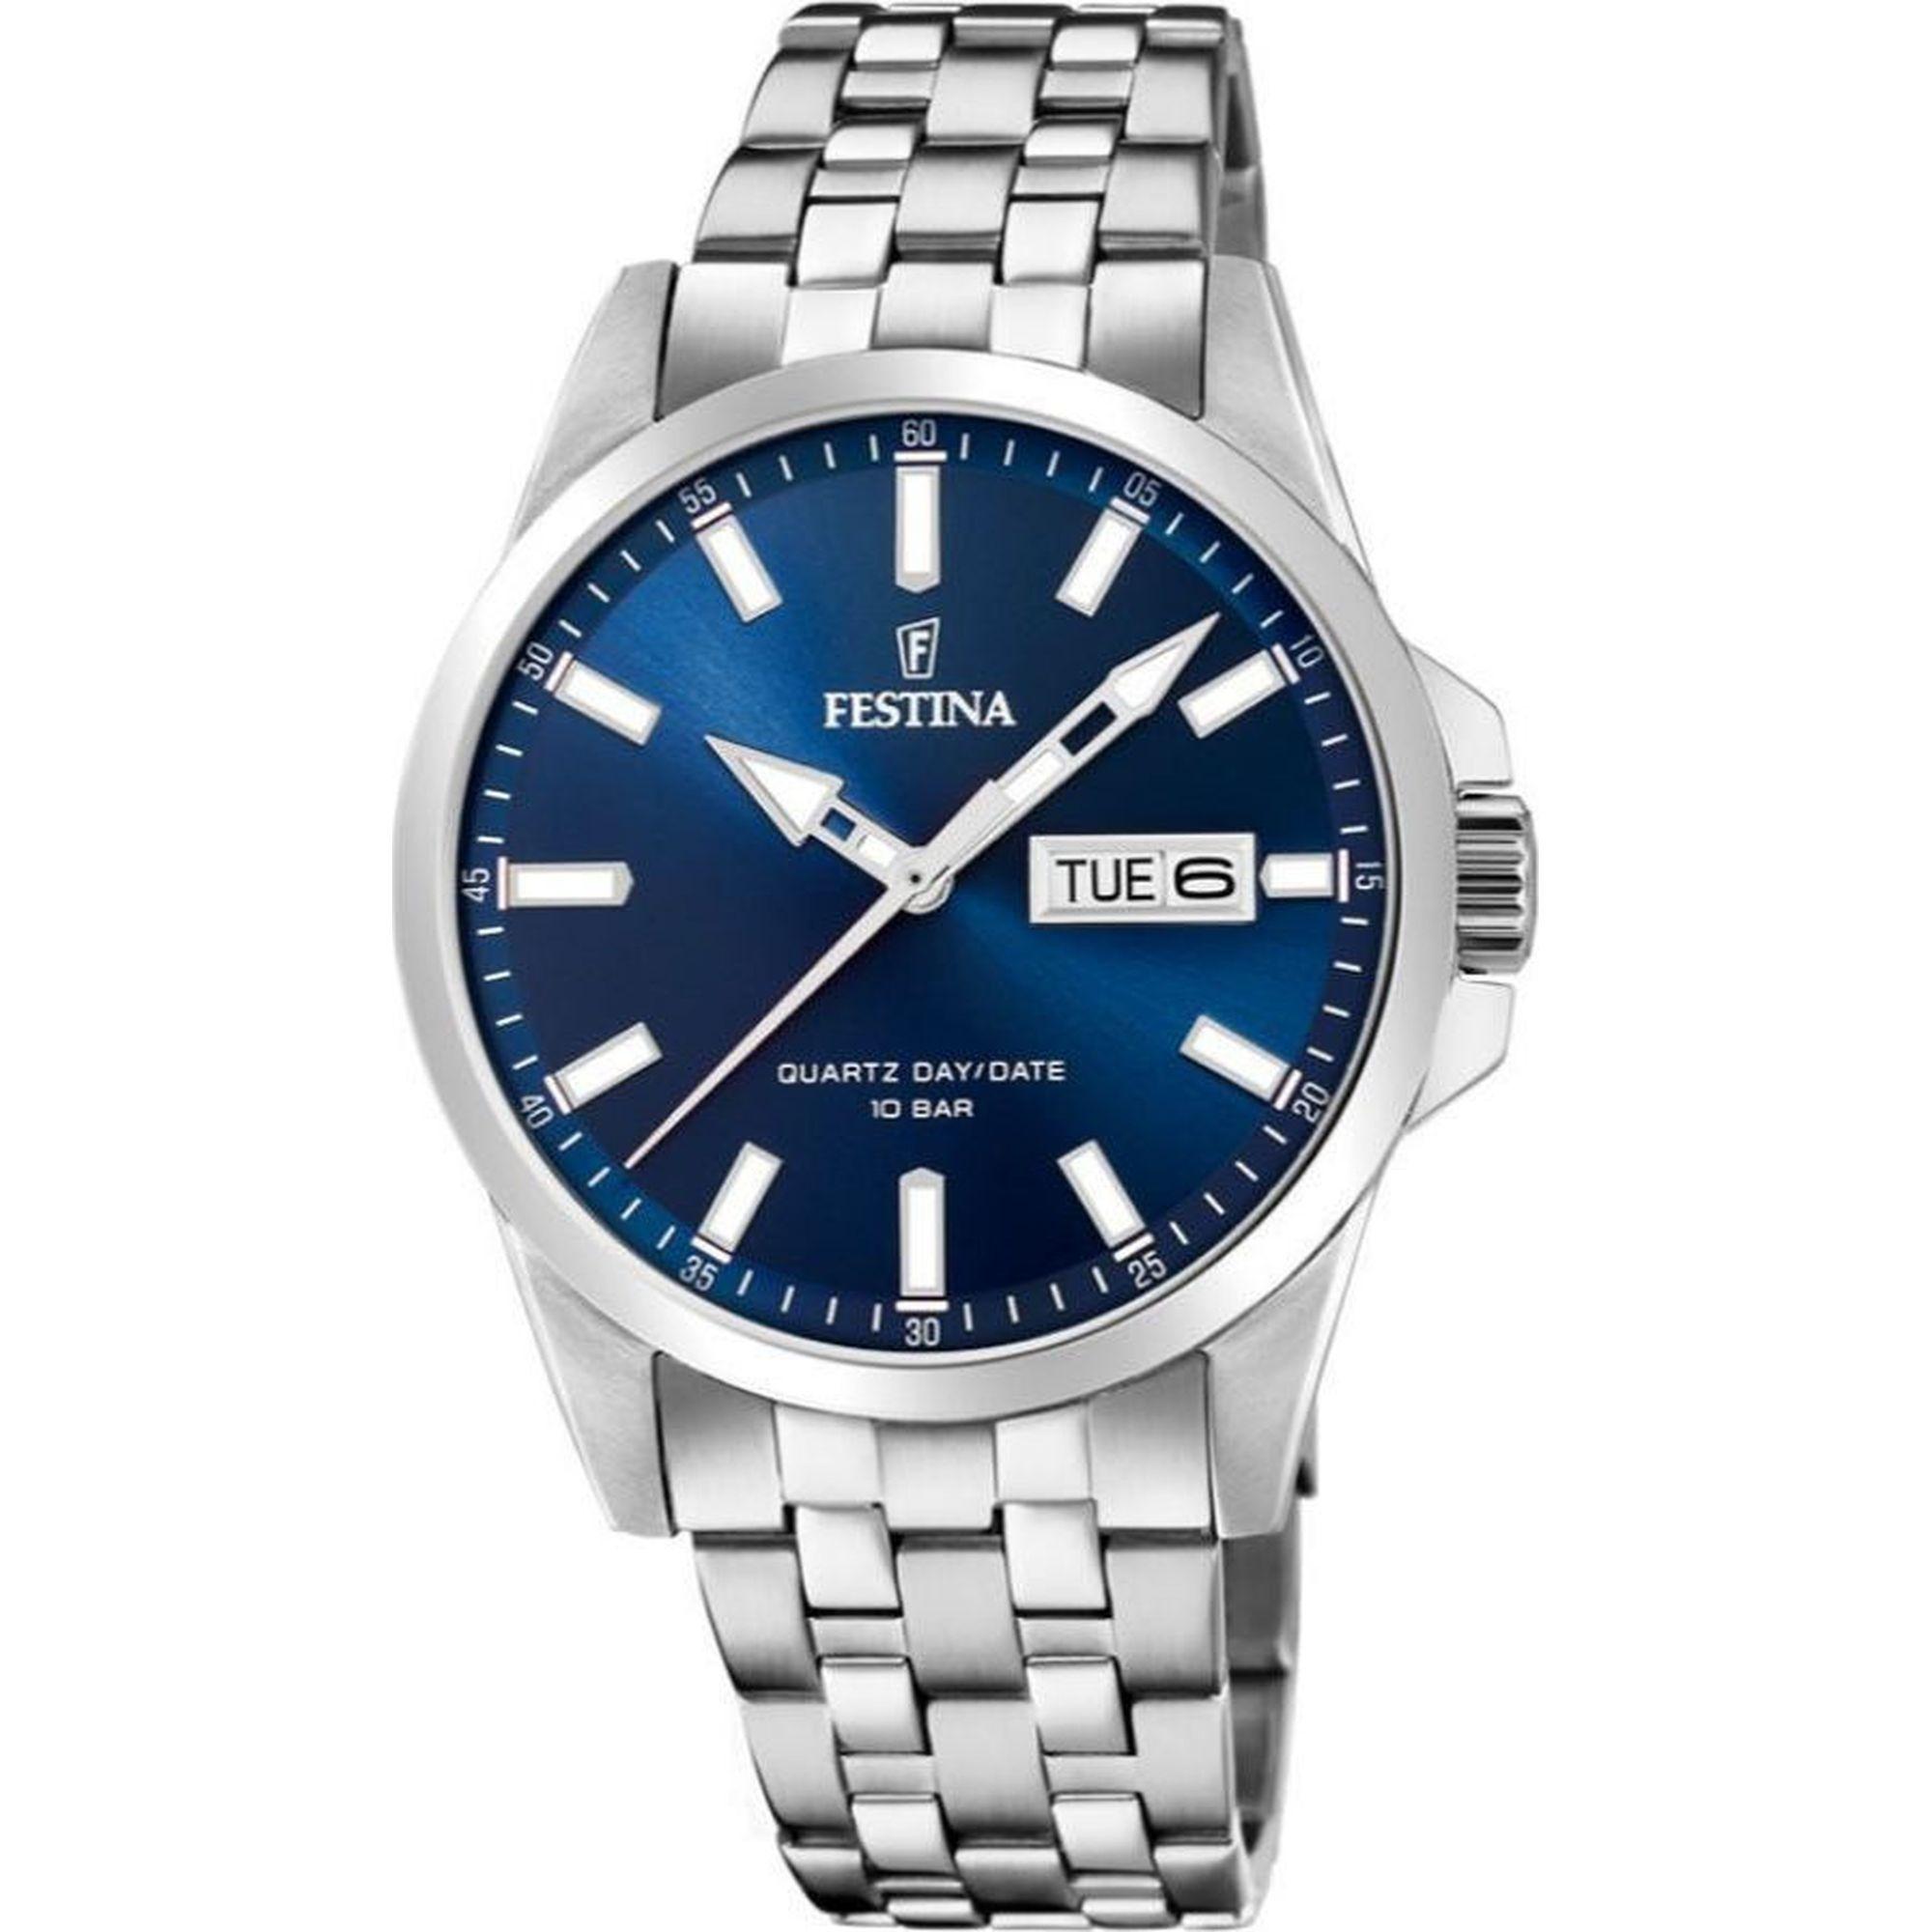 Ανδρικό Ρολόι Festina με Μπλέ Καντράν F20357/3